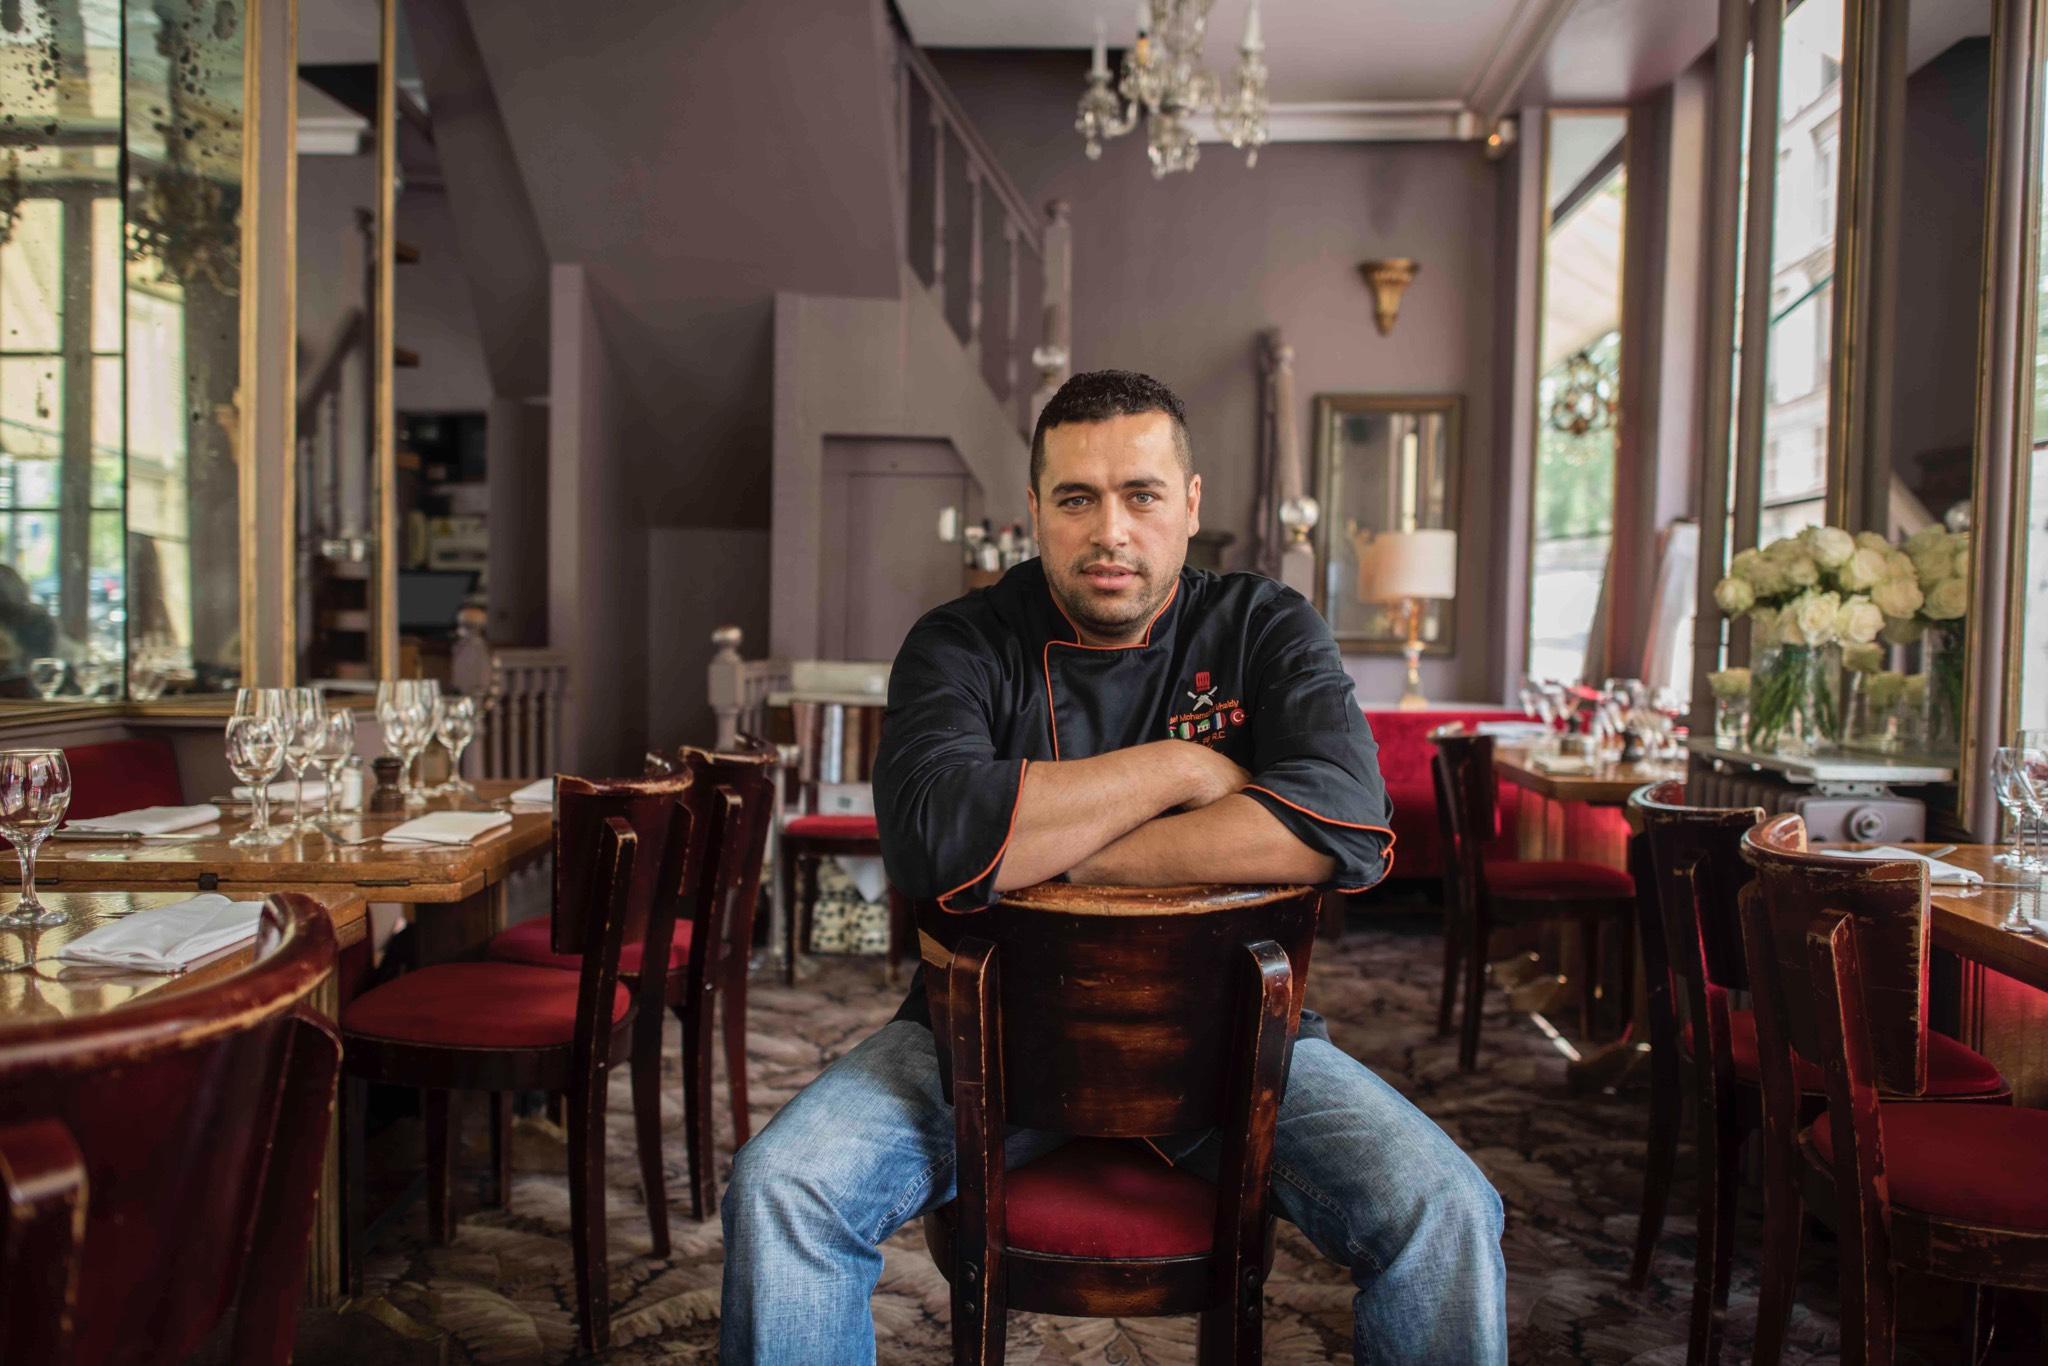 chef_el_khaldy.jpg